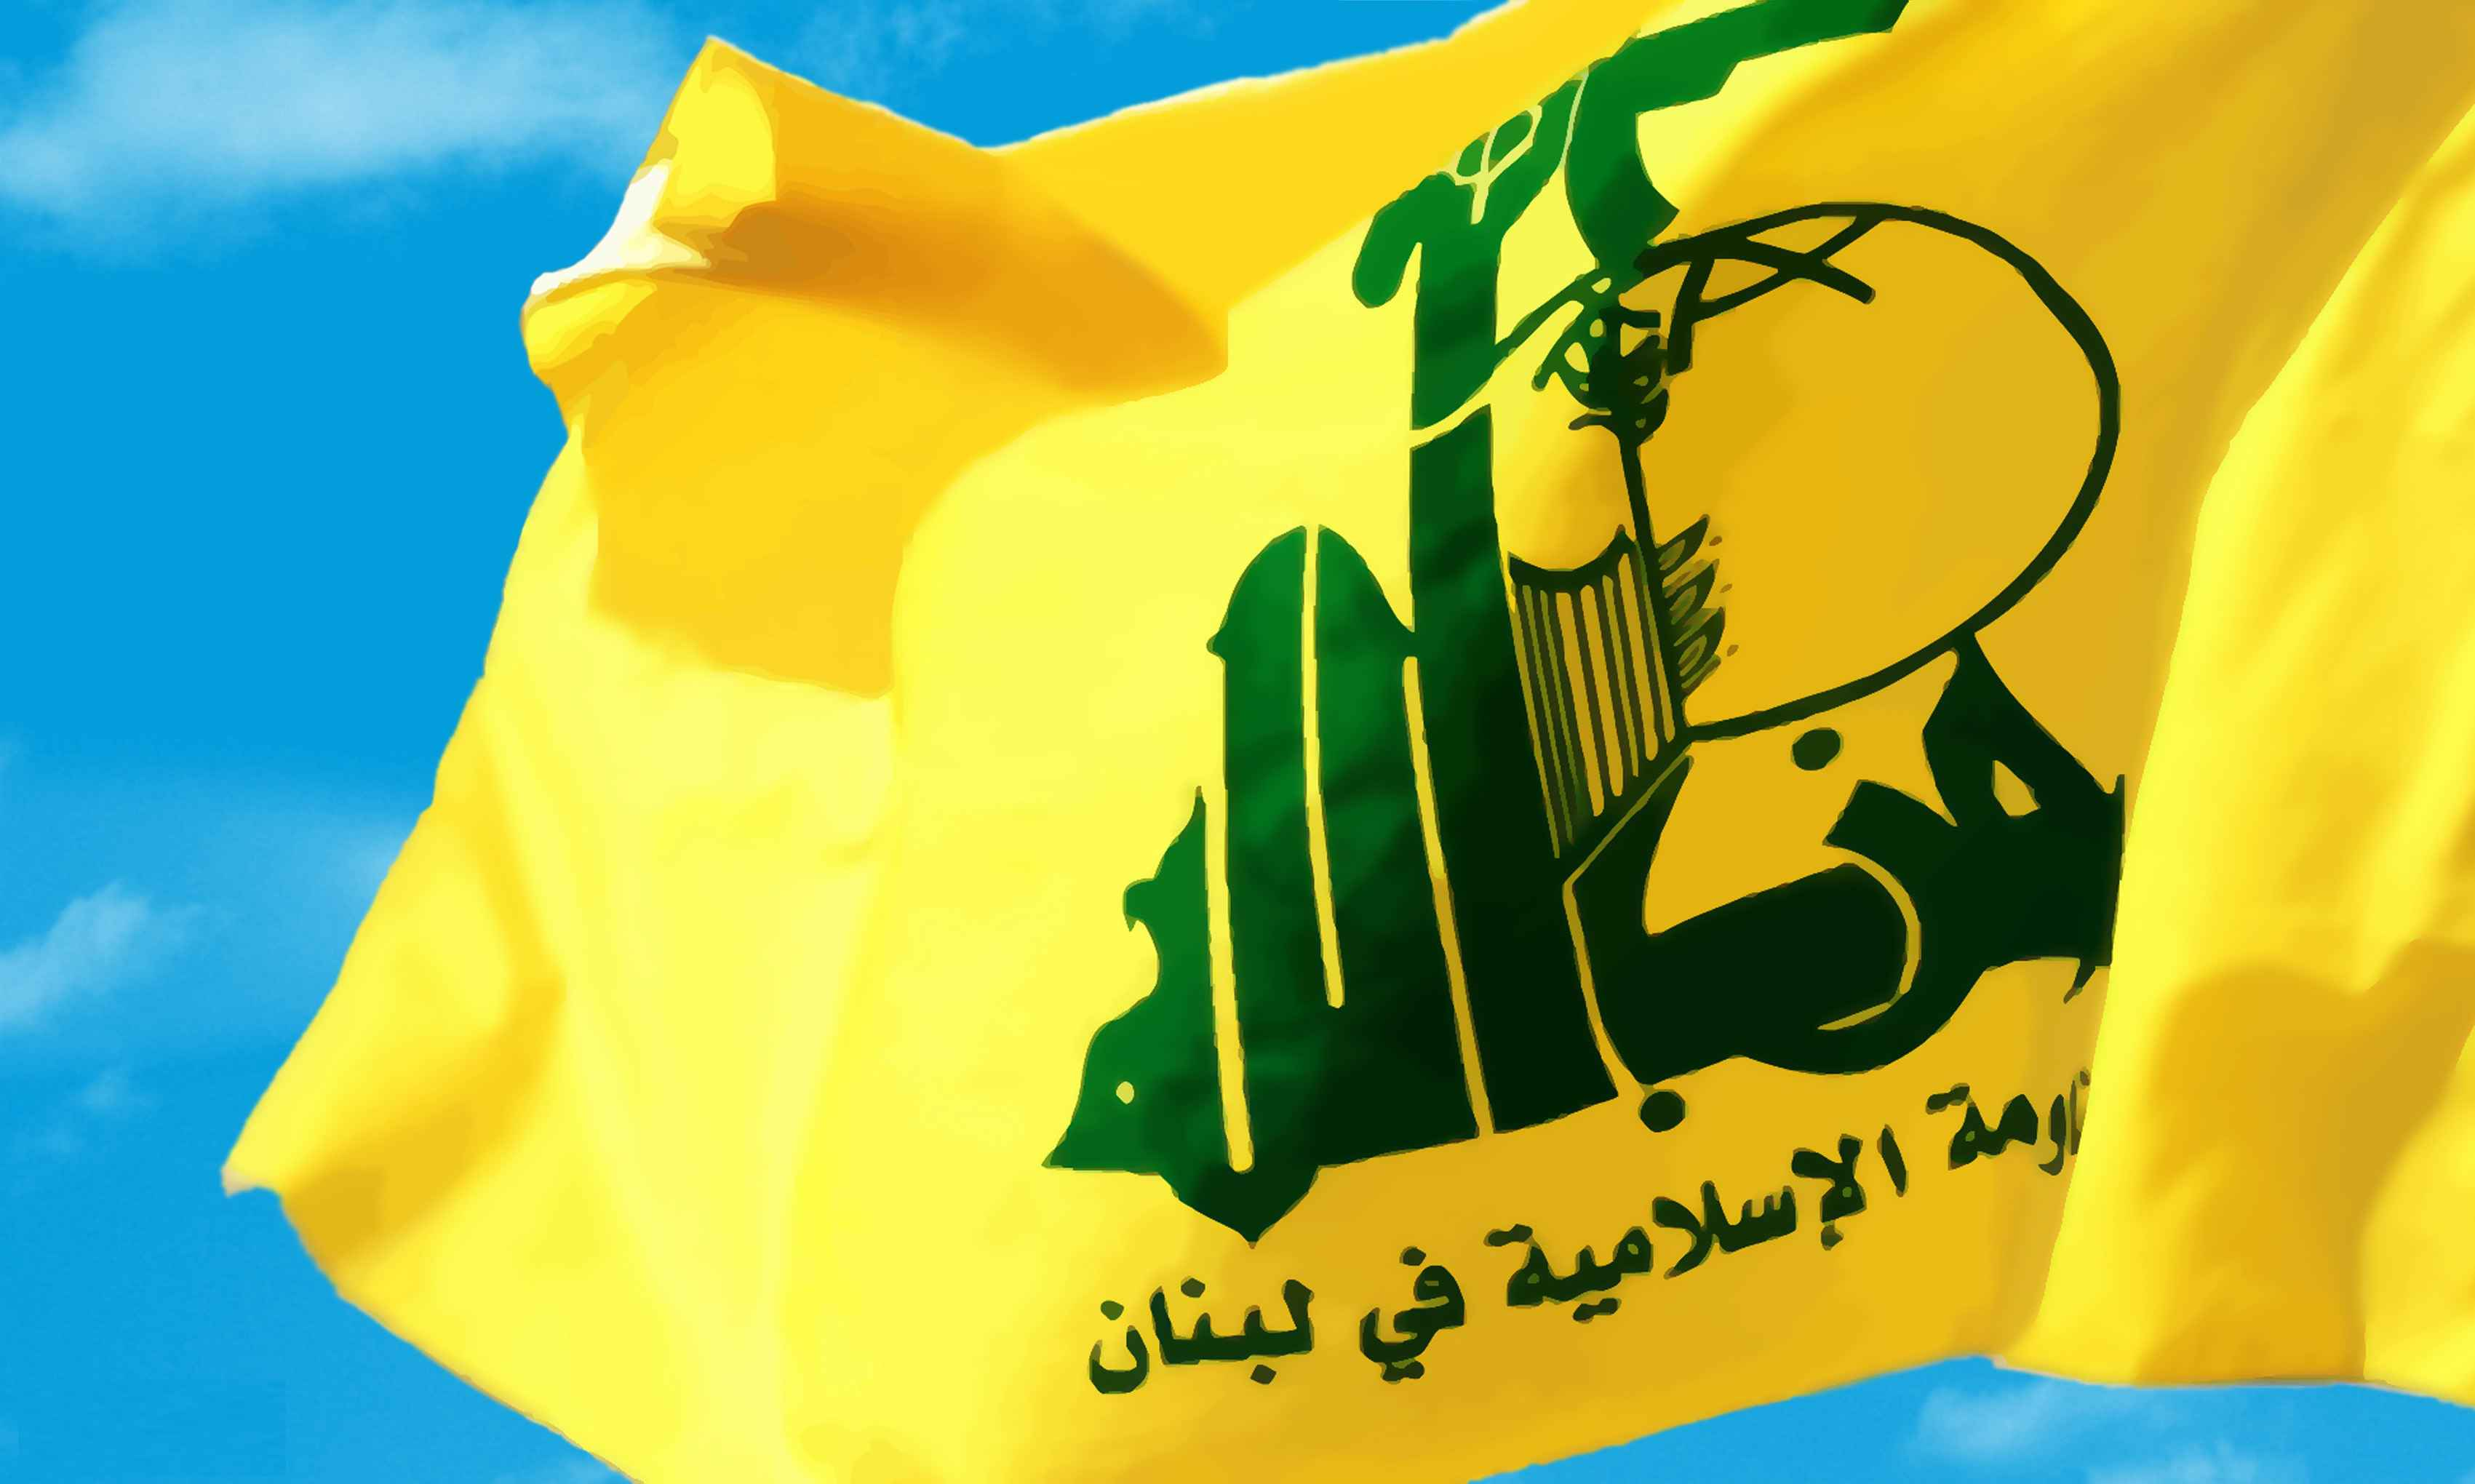 بيان ائتلاف 14 فبراير: في الذكرى الـ19 لعيد المقاومة والتحرير.. العزيمة على الانتصار تتجدّد